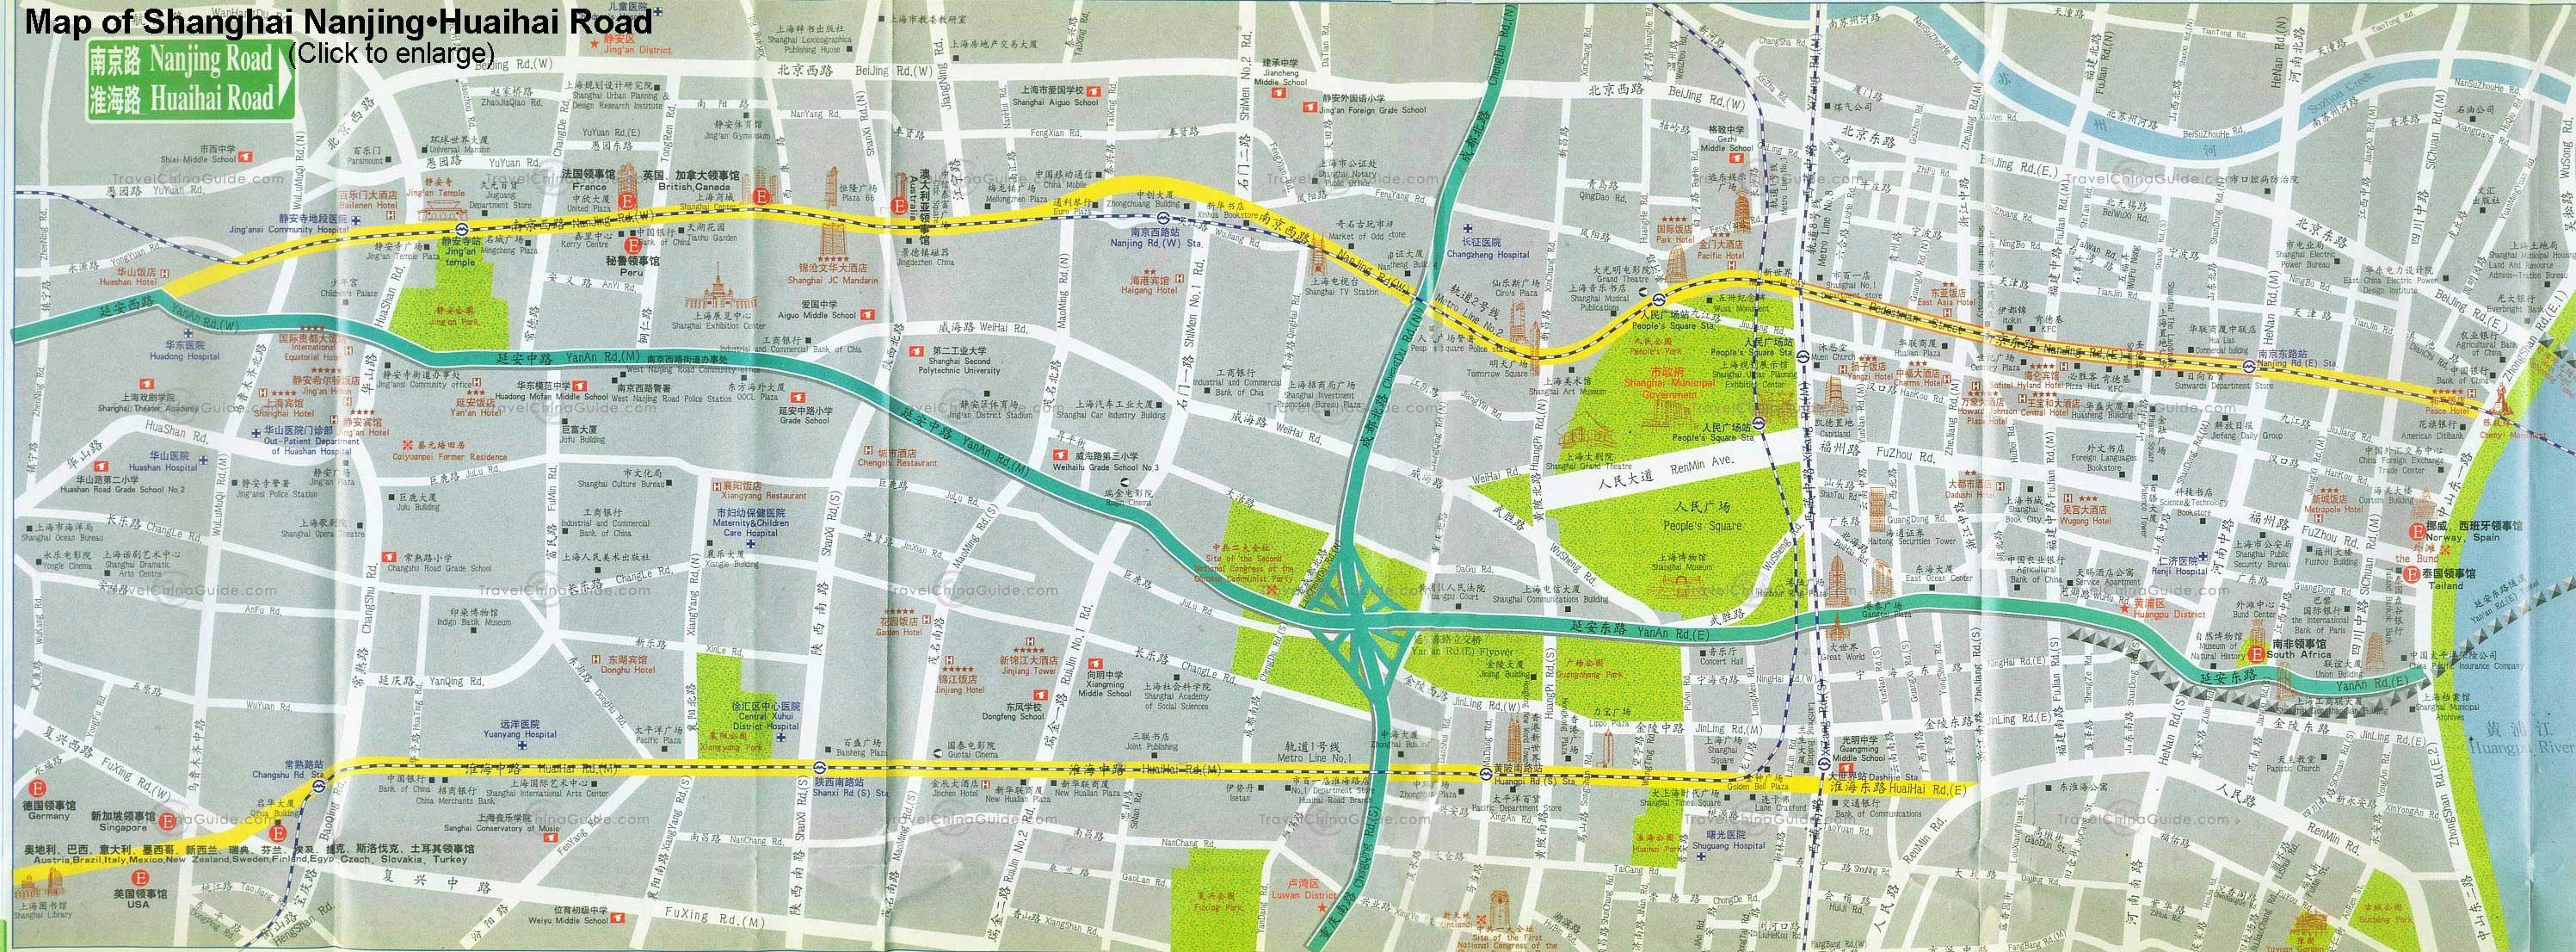 Shanghai nanjing road and huaihai road map China Map